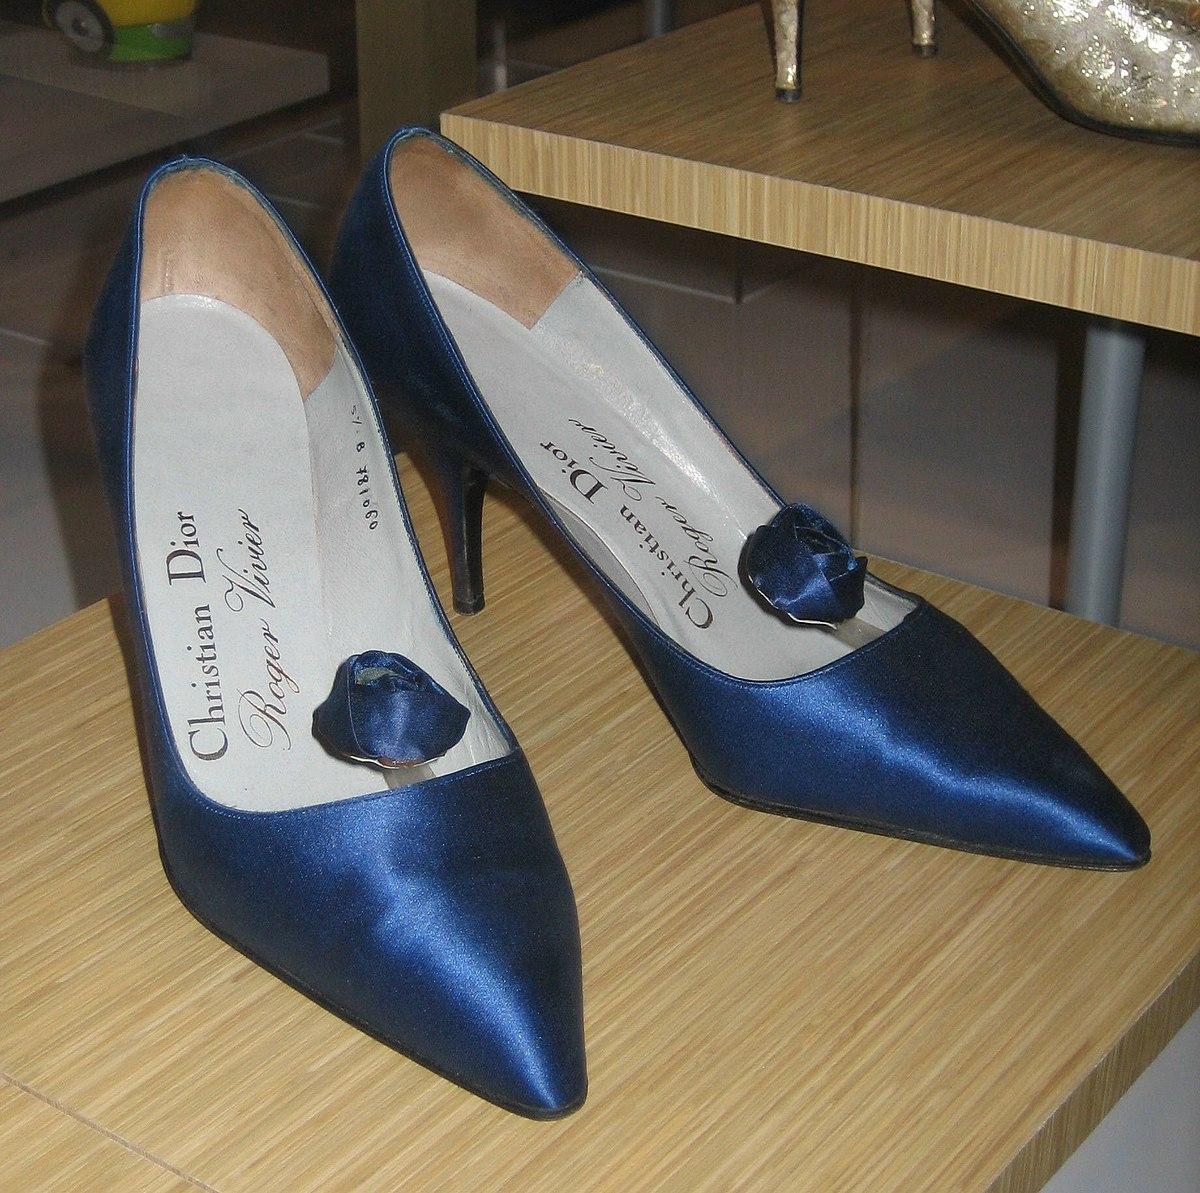 Roger Vivier Shoes Reviews